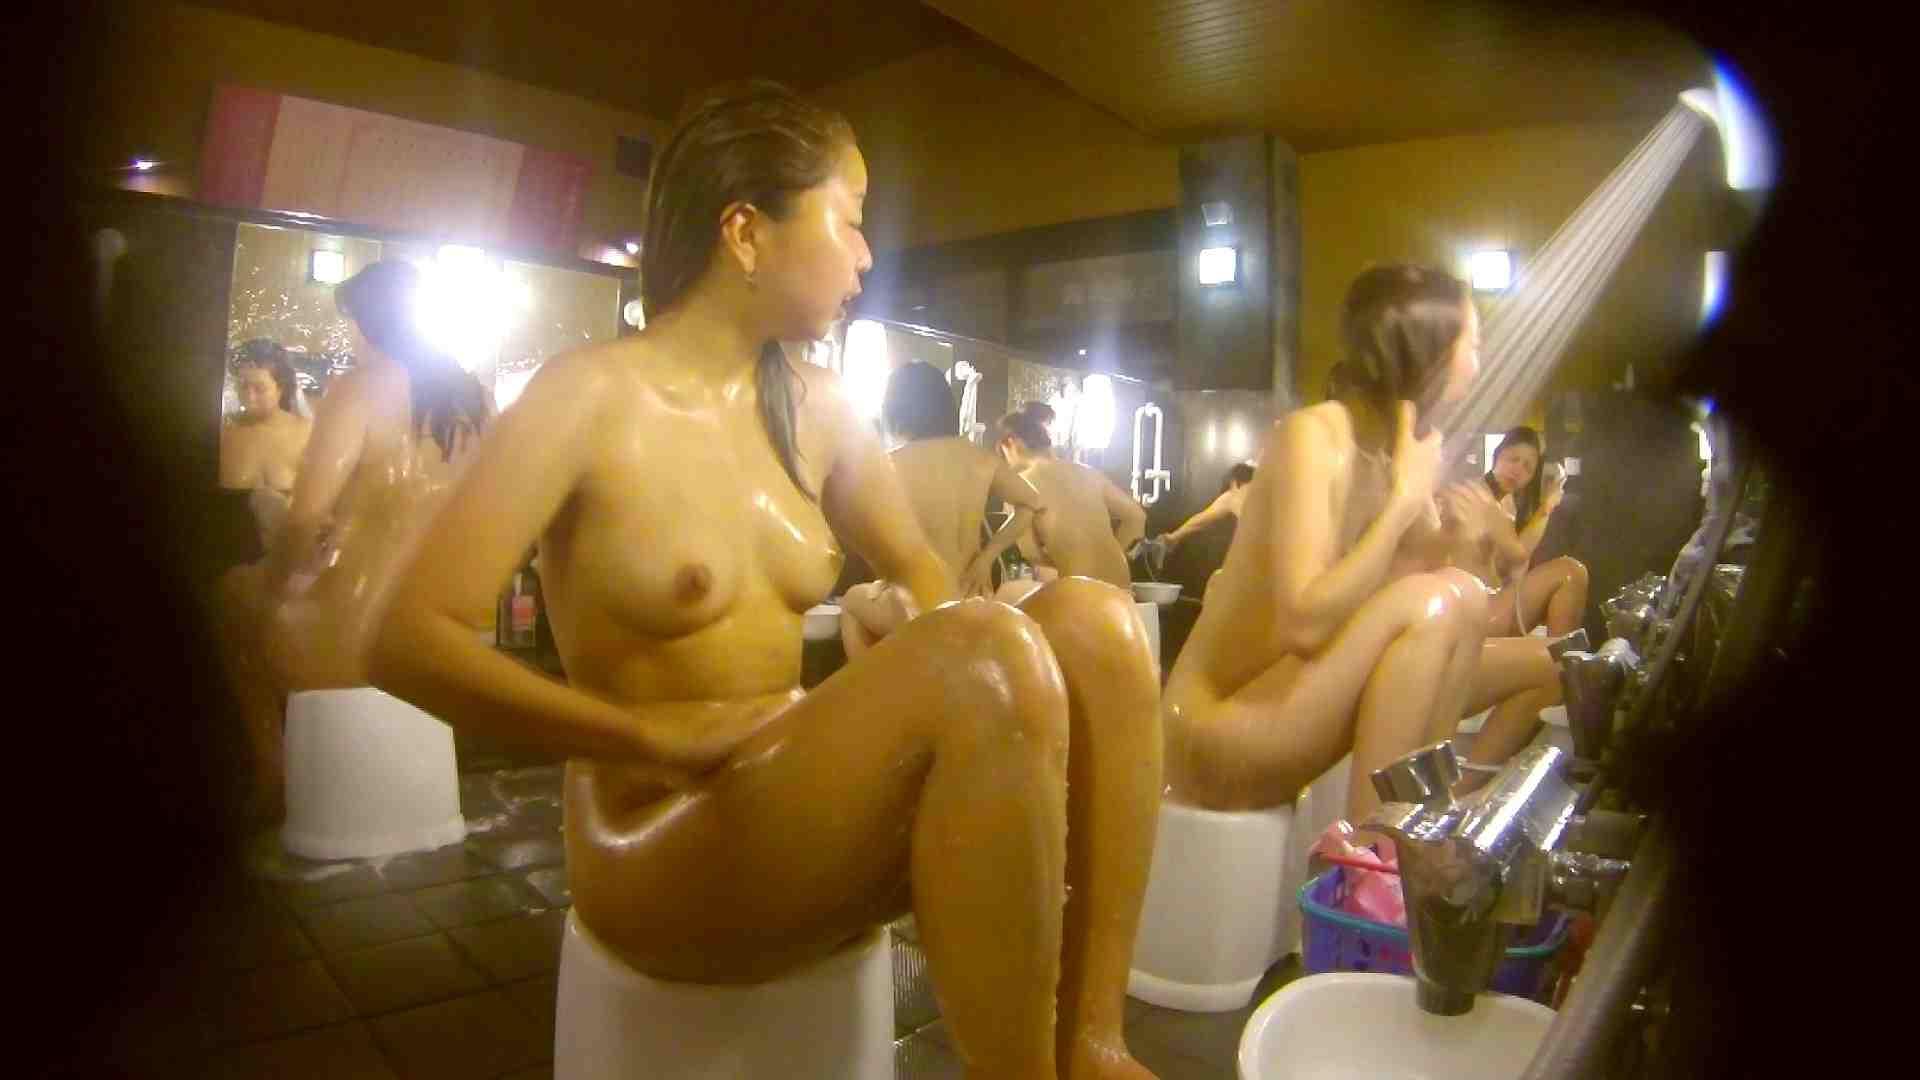 追い撮り!脱衣~洗い場、そして着替え、髪を乾かすまで完全追跡。 銭湯事情   美肌  84枚 45